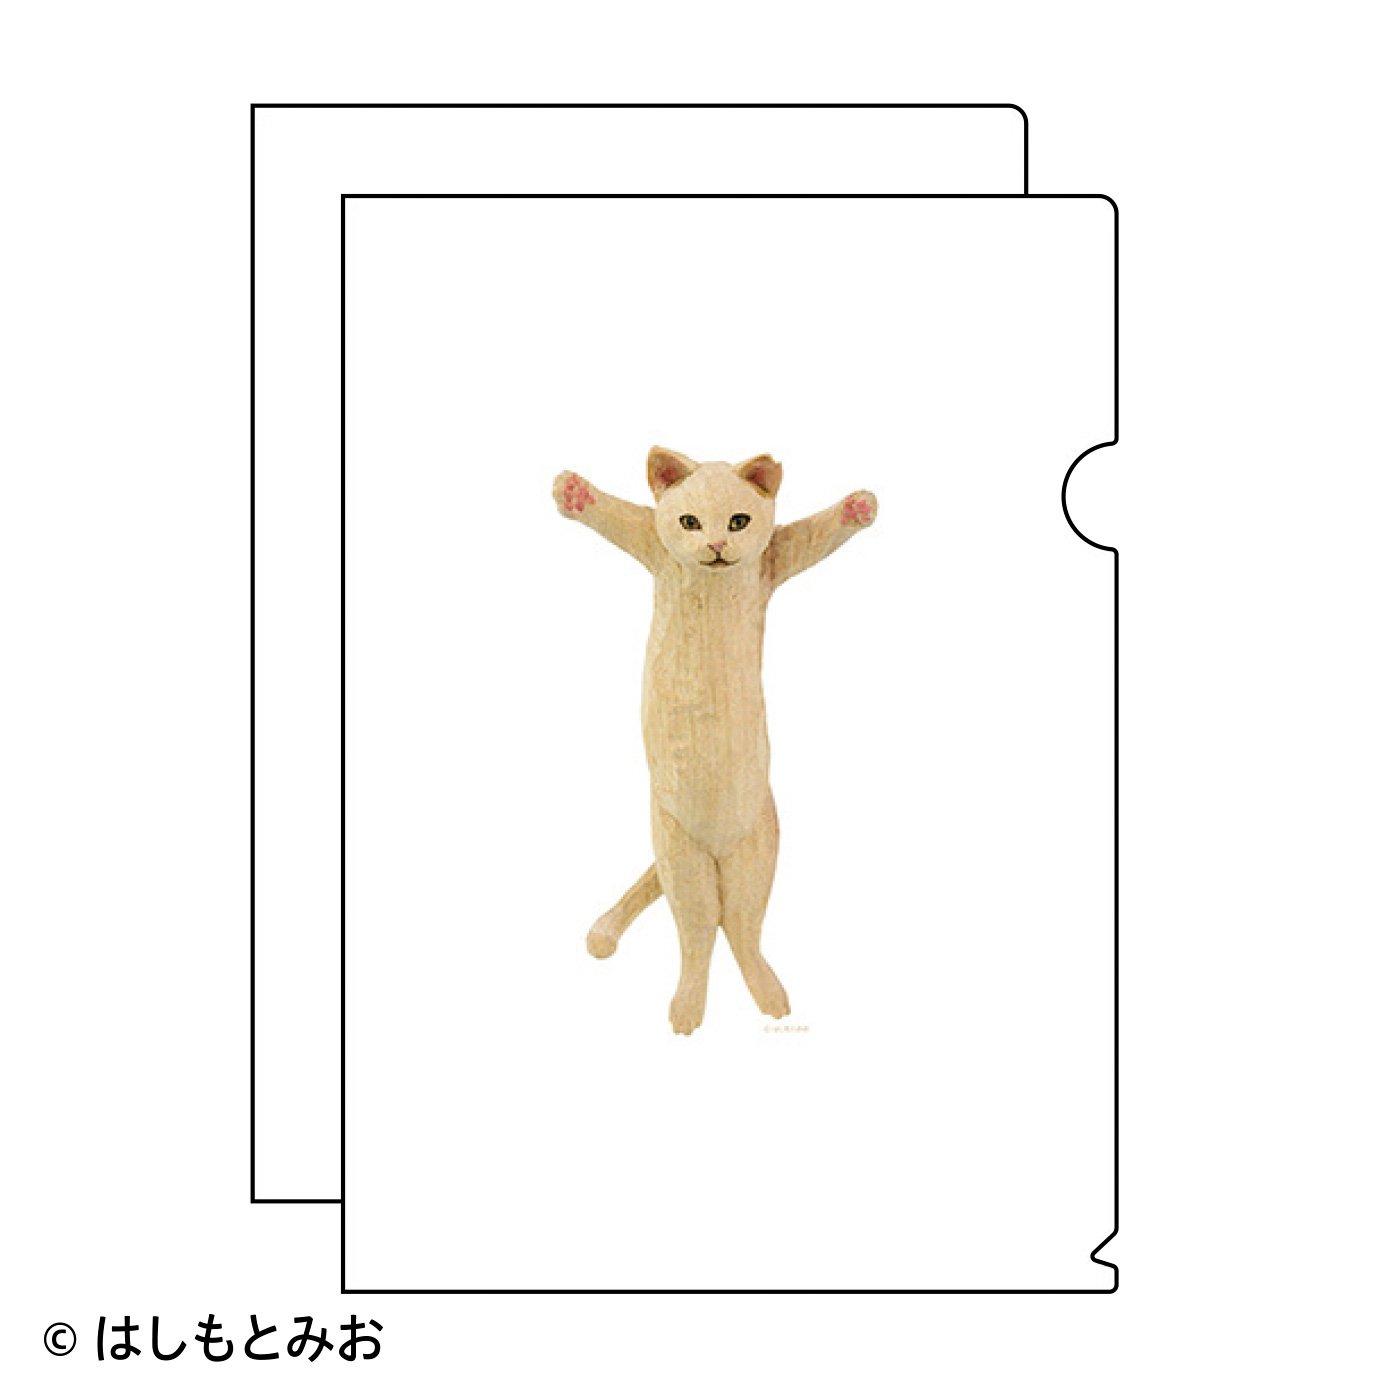 はしもとみお×猫部 地域猫チャリティークリアファイル2021